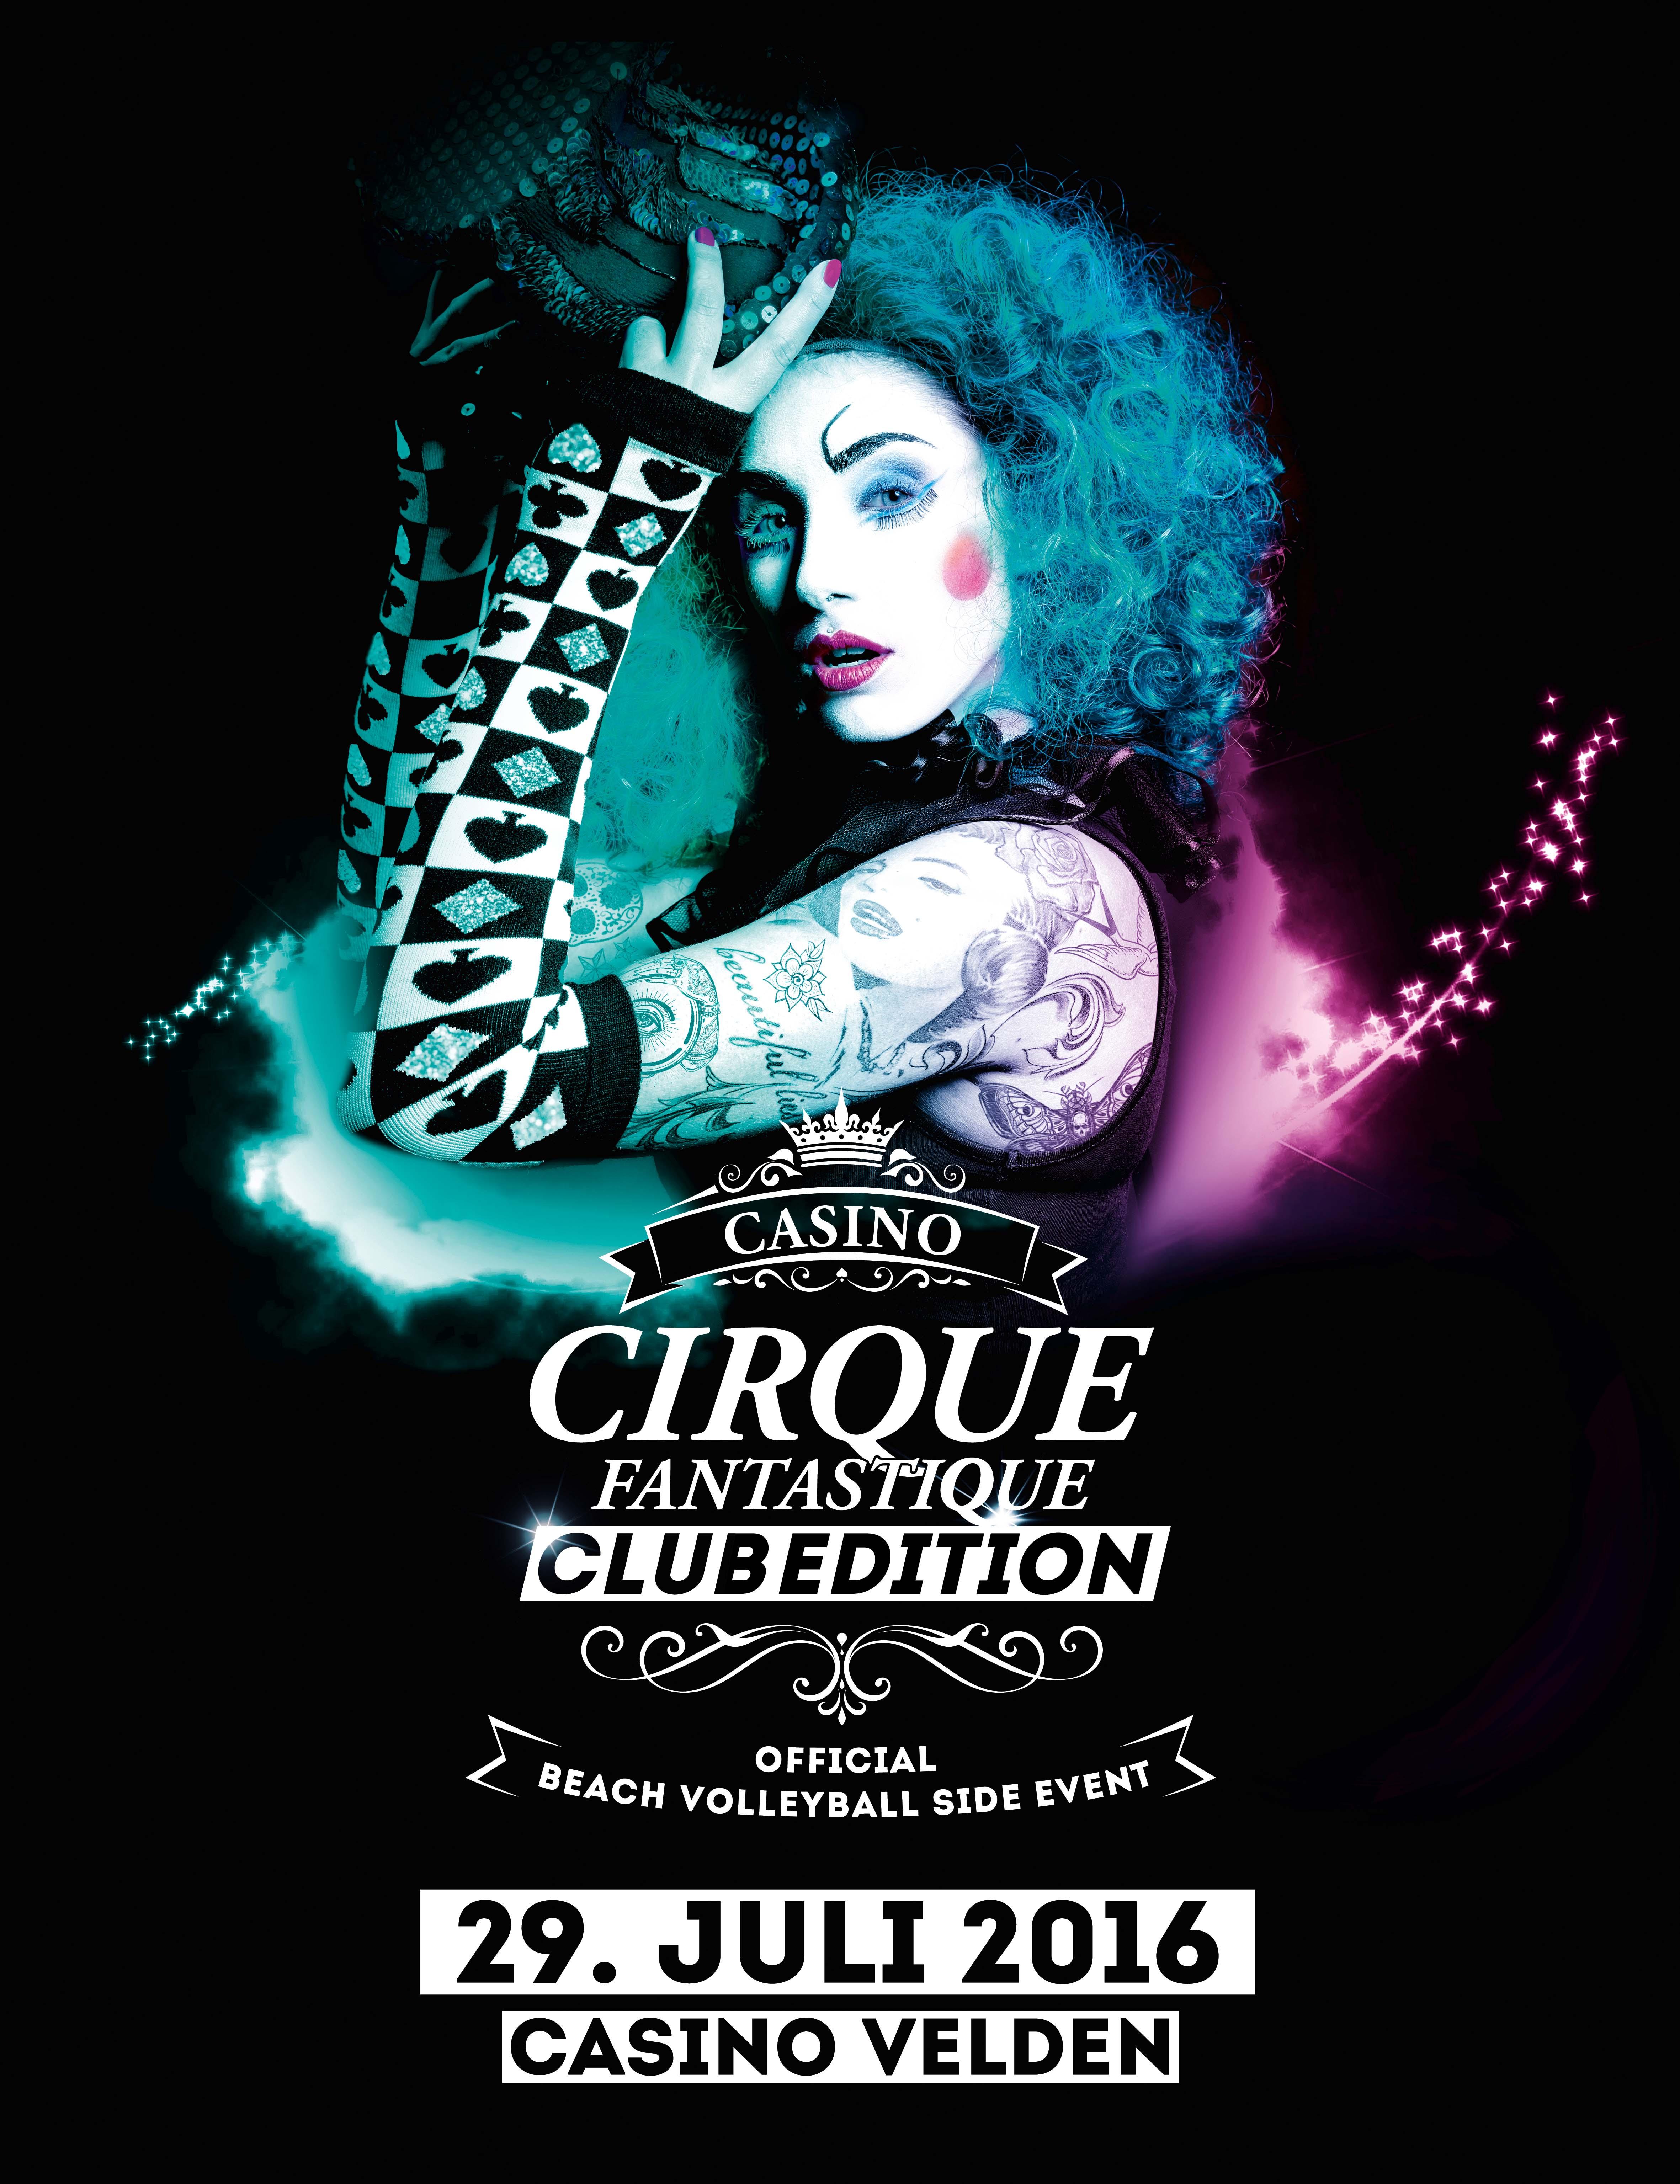 Cirque Fantastique11111_Club Edition-Hauptsujet